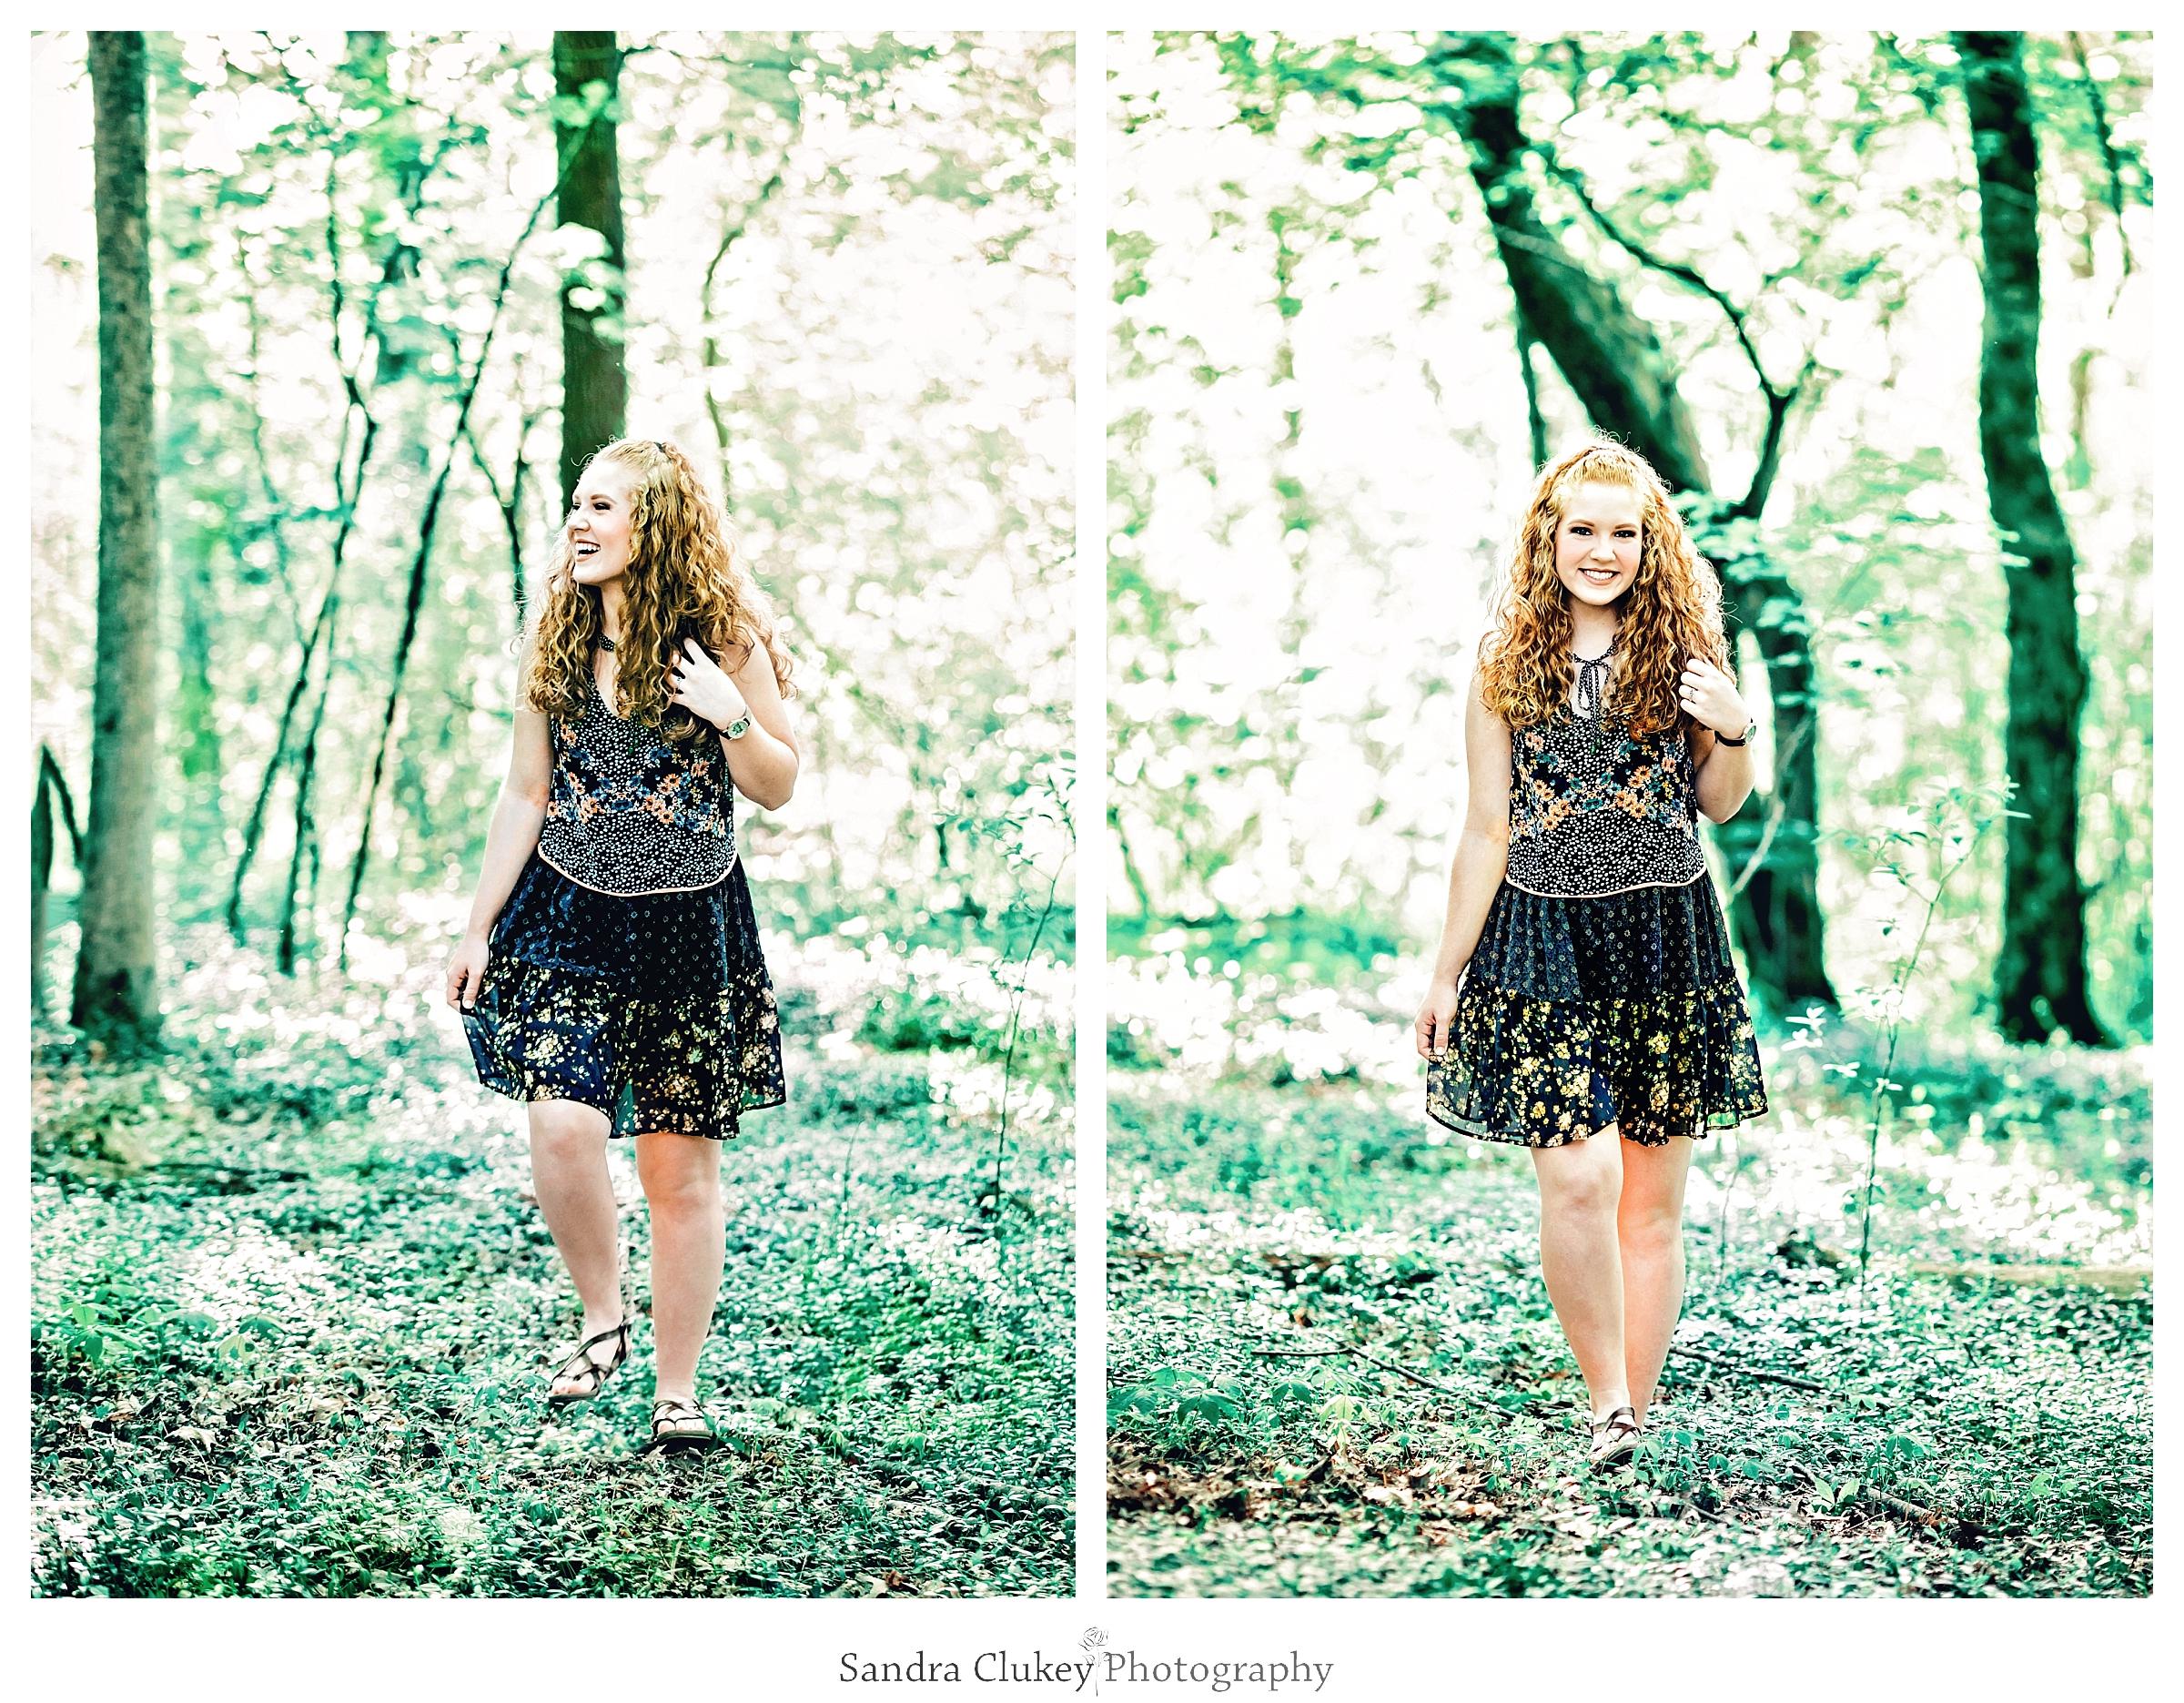 Sandra Clukey Photography_1362.jpg